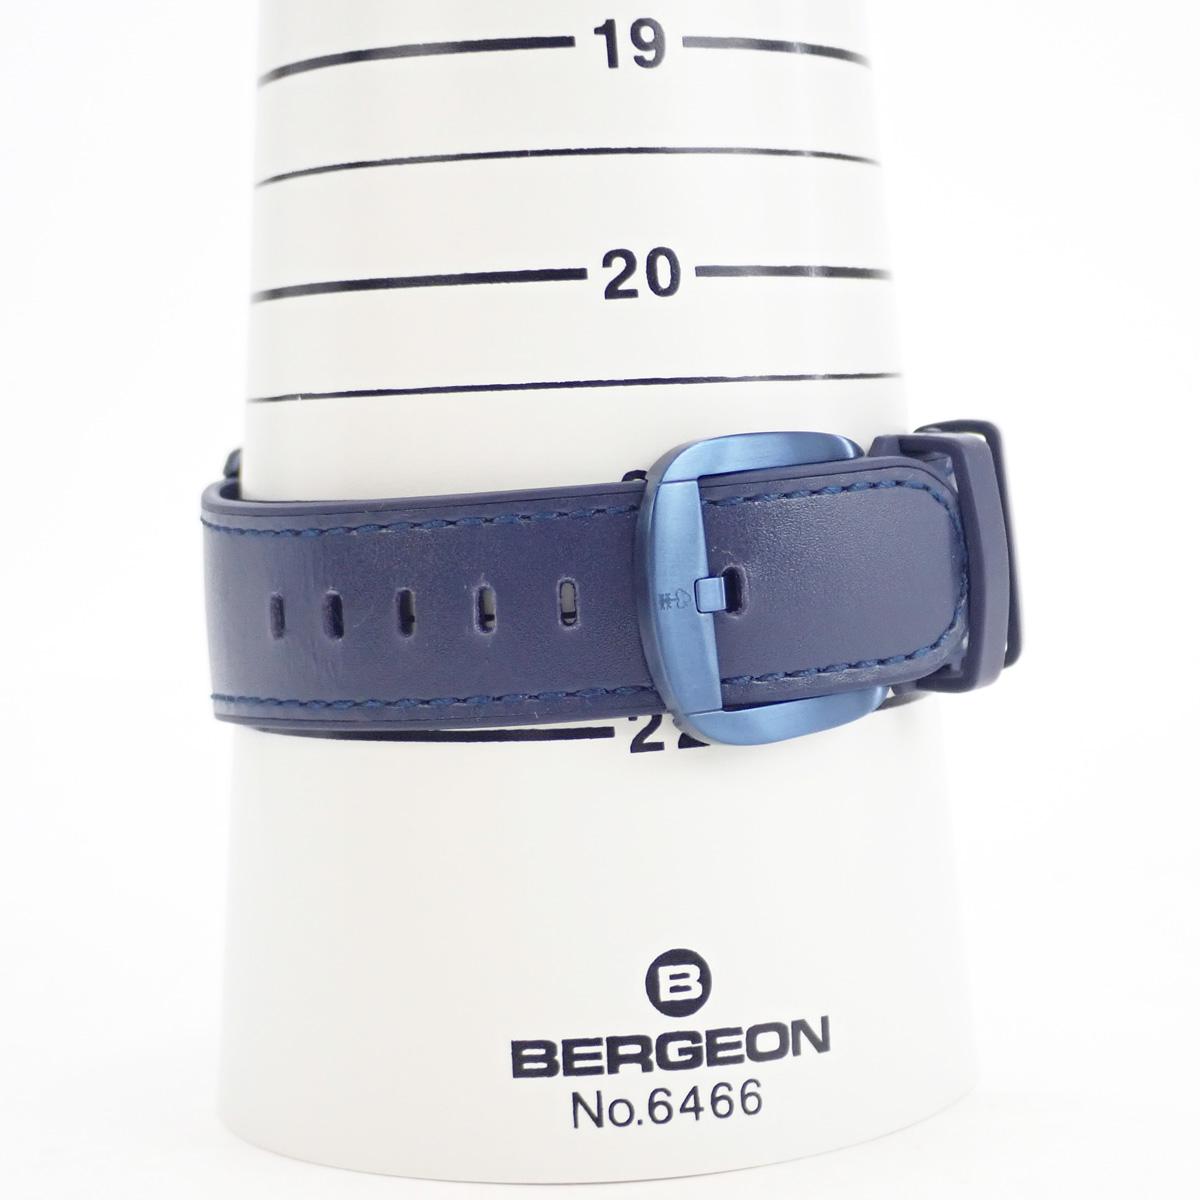 【辛口評価】【Aランク】CORUM コルム バブル オプティカルアート リミテッド メンズ腕時計 世界350本限定 082.312.98/0063 OP02 R ブルー文字盤